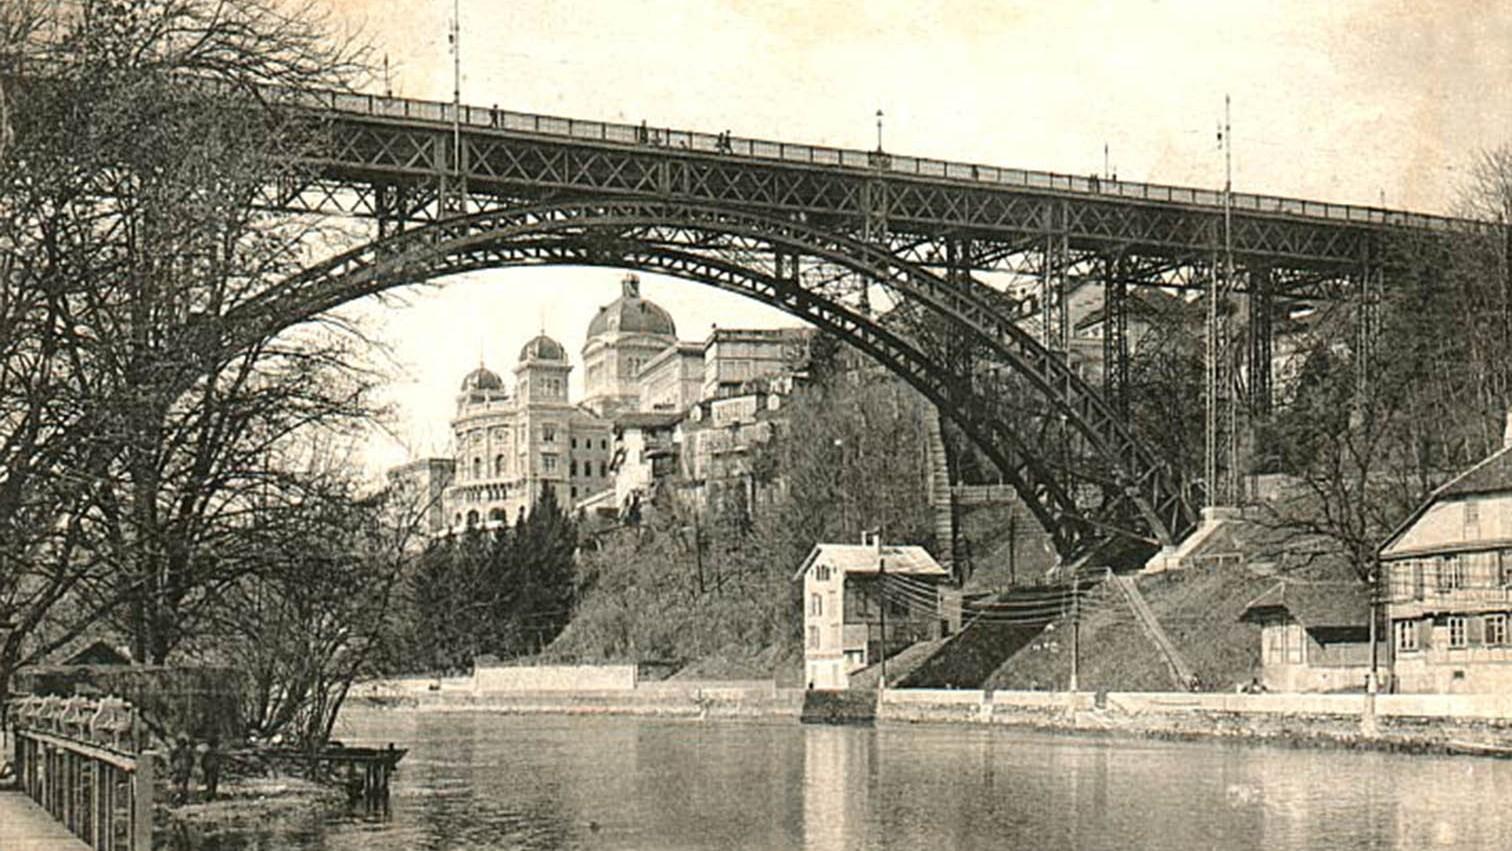 Kirchenfeldbrücke in der Stadt Bern um 1907